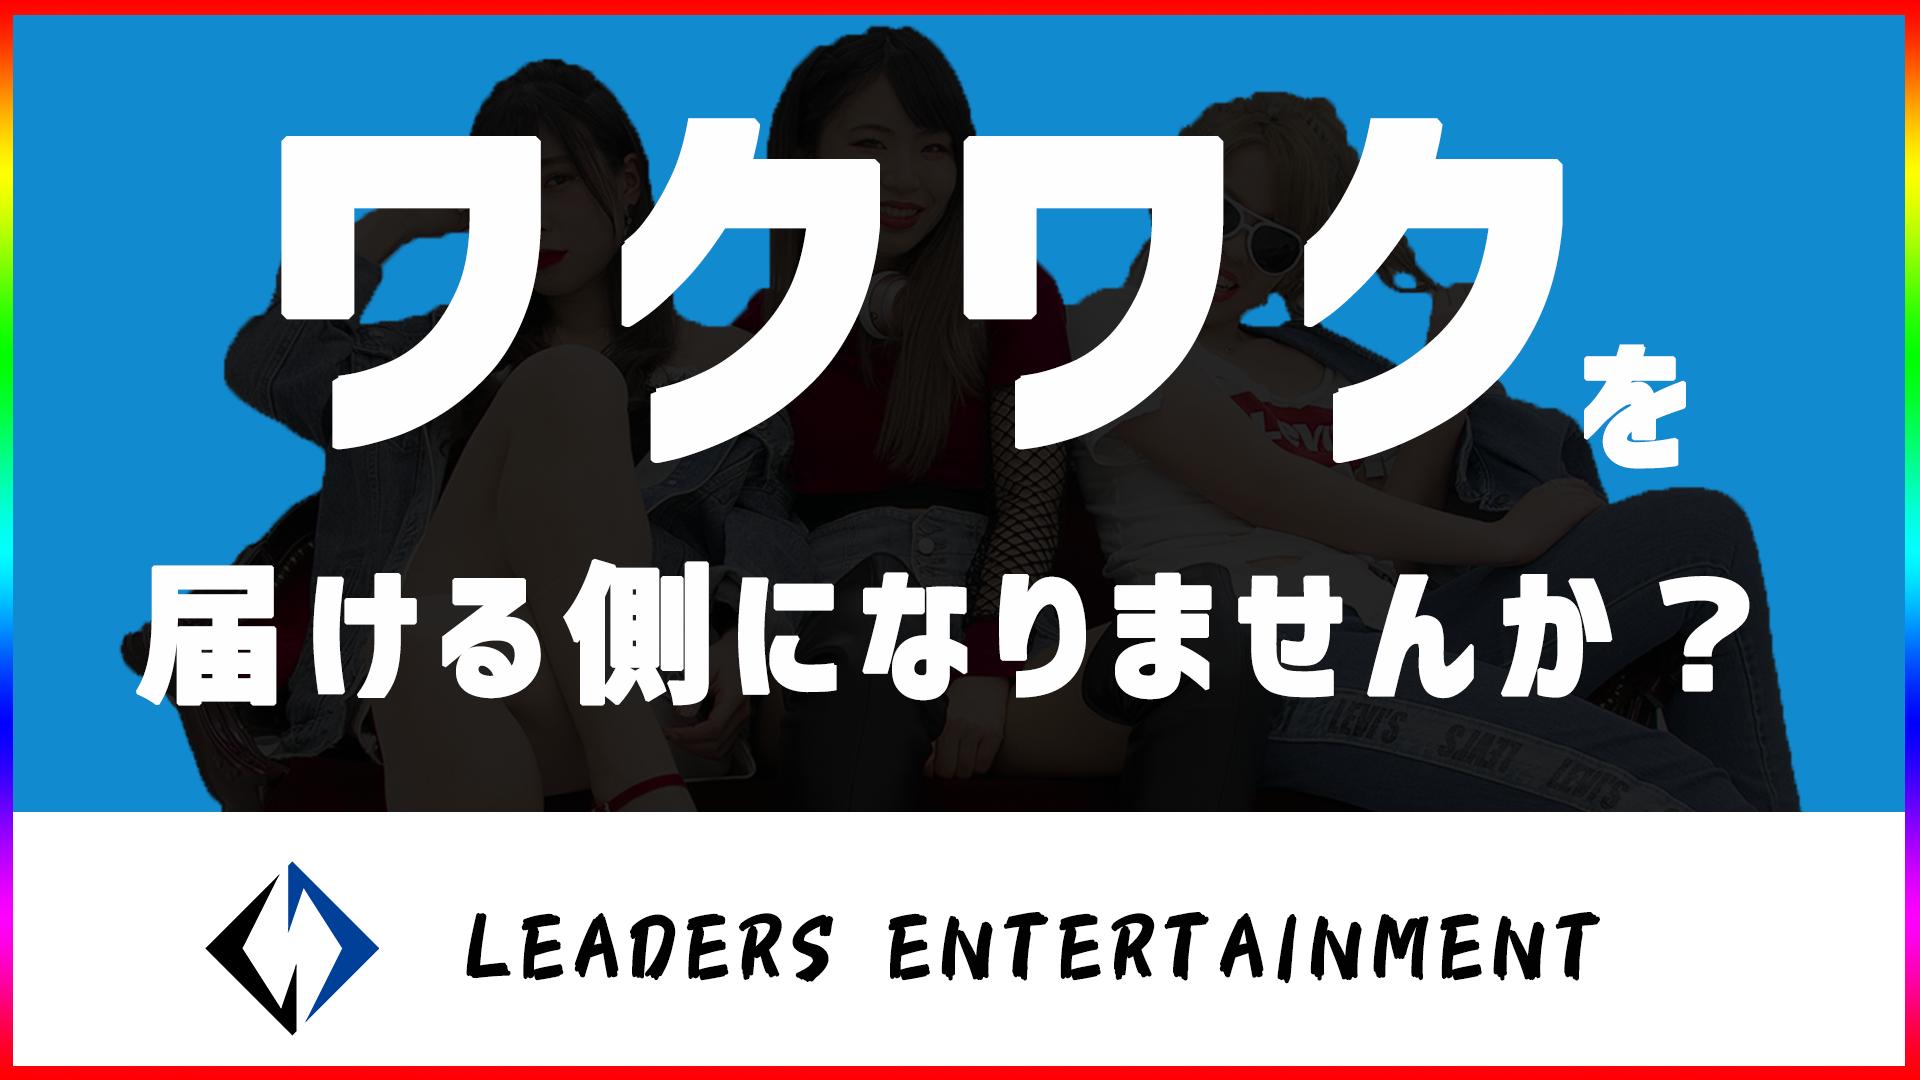 オーディション LEADERS ENTERTAINMENT 新規ガールズユニットオーディション 主催:LEADERS ENTERTAINMENT、カテゴリ:アイドル(本格派)